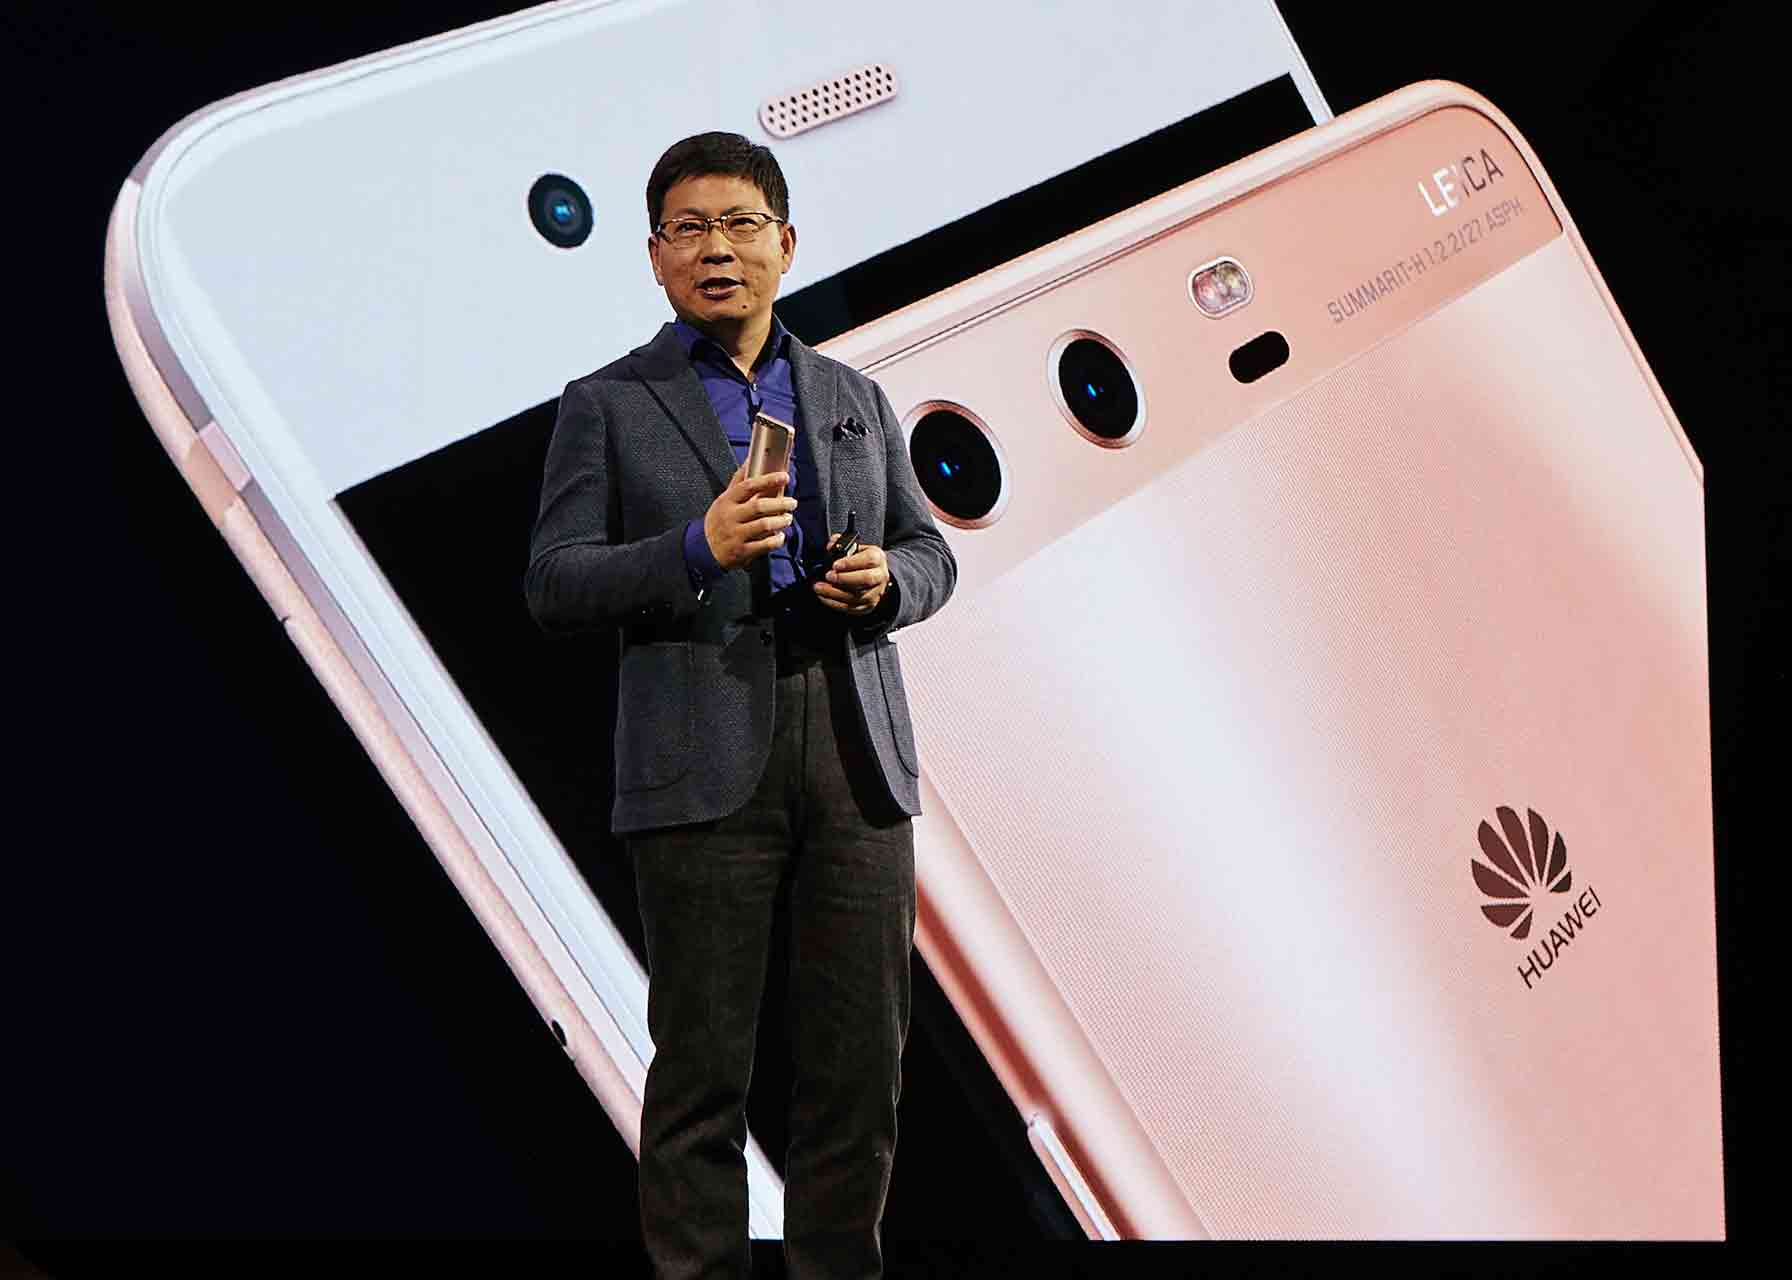 El sr. Richard Yu, presidente de Huawei, en el escenario presentando un nuevo modelo de teléfono inteligente Huawei